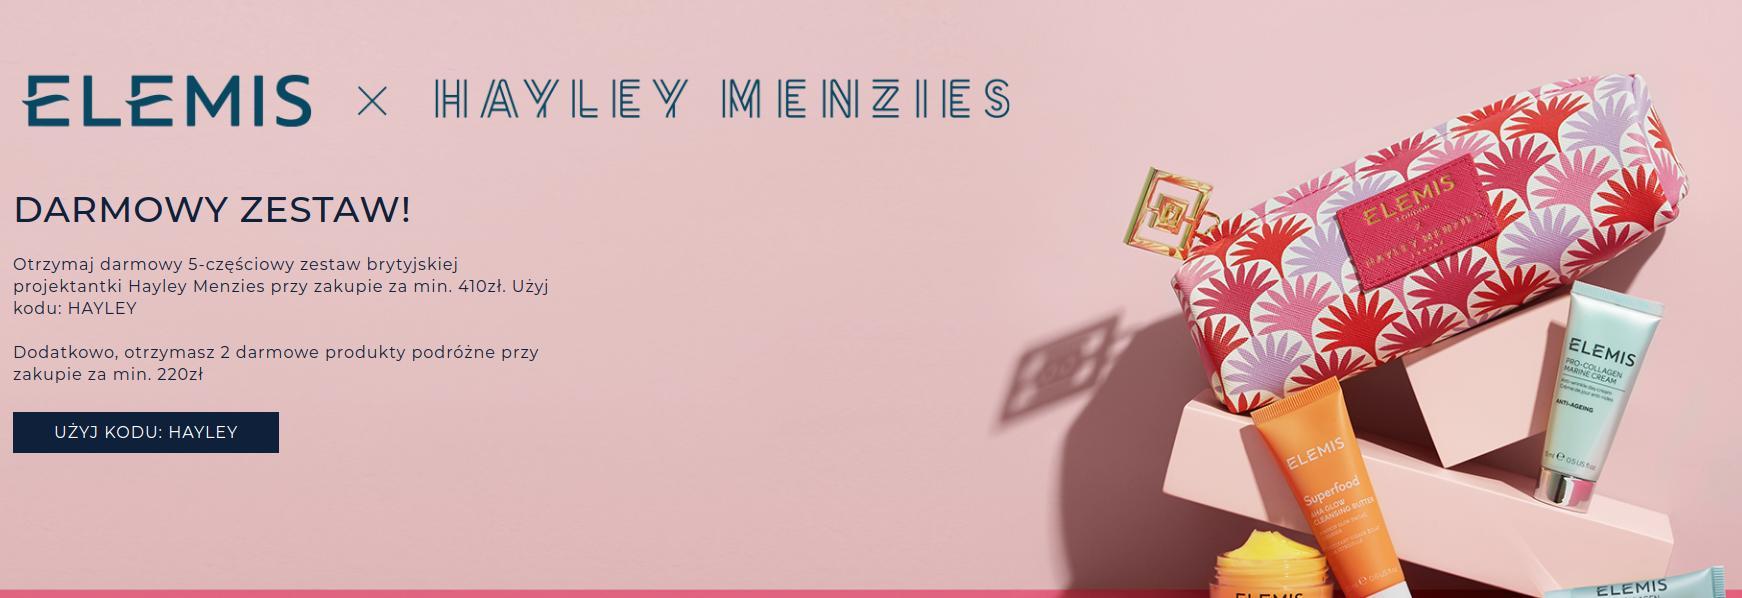 Elemis: zrób zakupy za min. 410 zł, a otrzymasz 5-częściowy zestaw marki Hayley Gratis